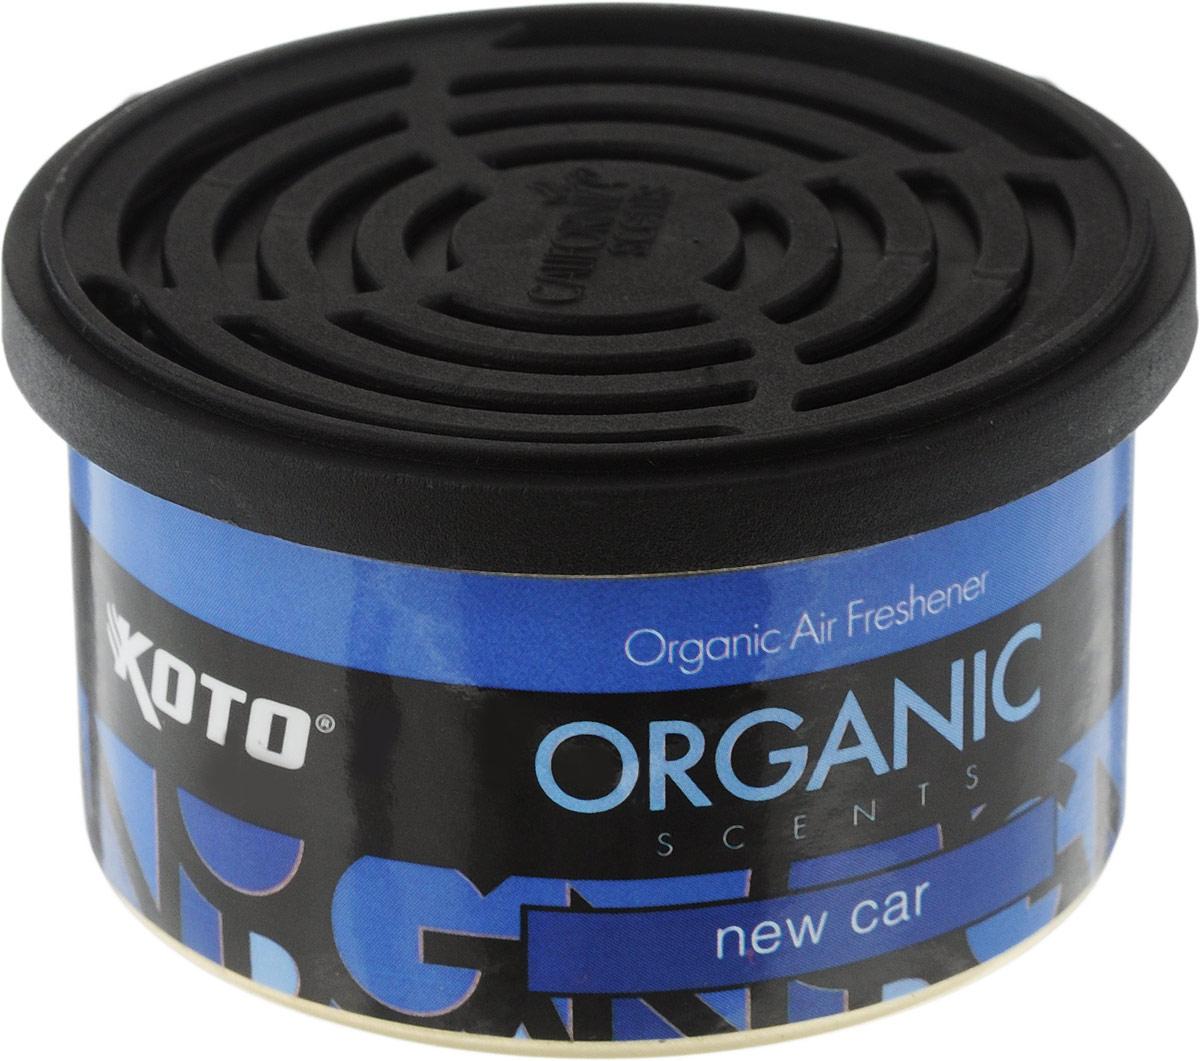 Ароматизатор автомобильный Koto Organic, новая машинаFPO-102Автомобильный ароматизатор Koto Organic эффективно устраняет неприятные запахи и придает приятный аромат новой машины. Внутри - органический наполнитель, который не растекается и не вредит окружающей среде. Ароматизатор имеет удобную крышку-регулятор, так что интенсивность аромата вы сможете настроить сами. Стойкий аромат держится около 60 дней. Ароматизатор может быть расположен как на приборной панели, так и под сиденьем автомобиля. Товар сертифицирован.